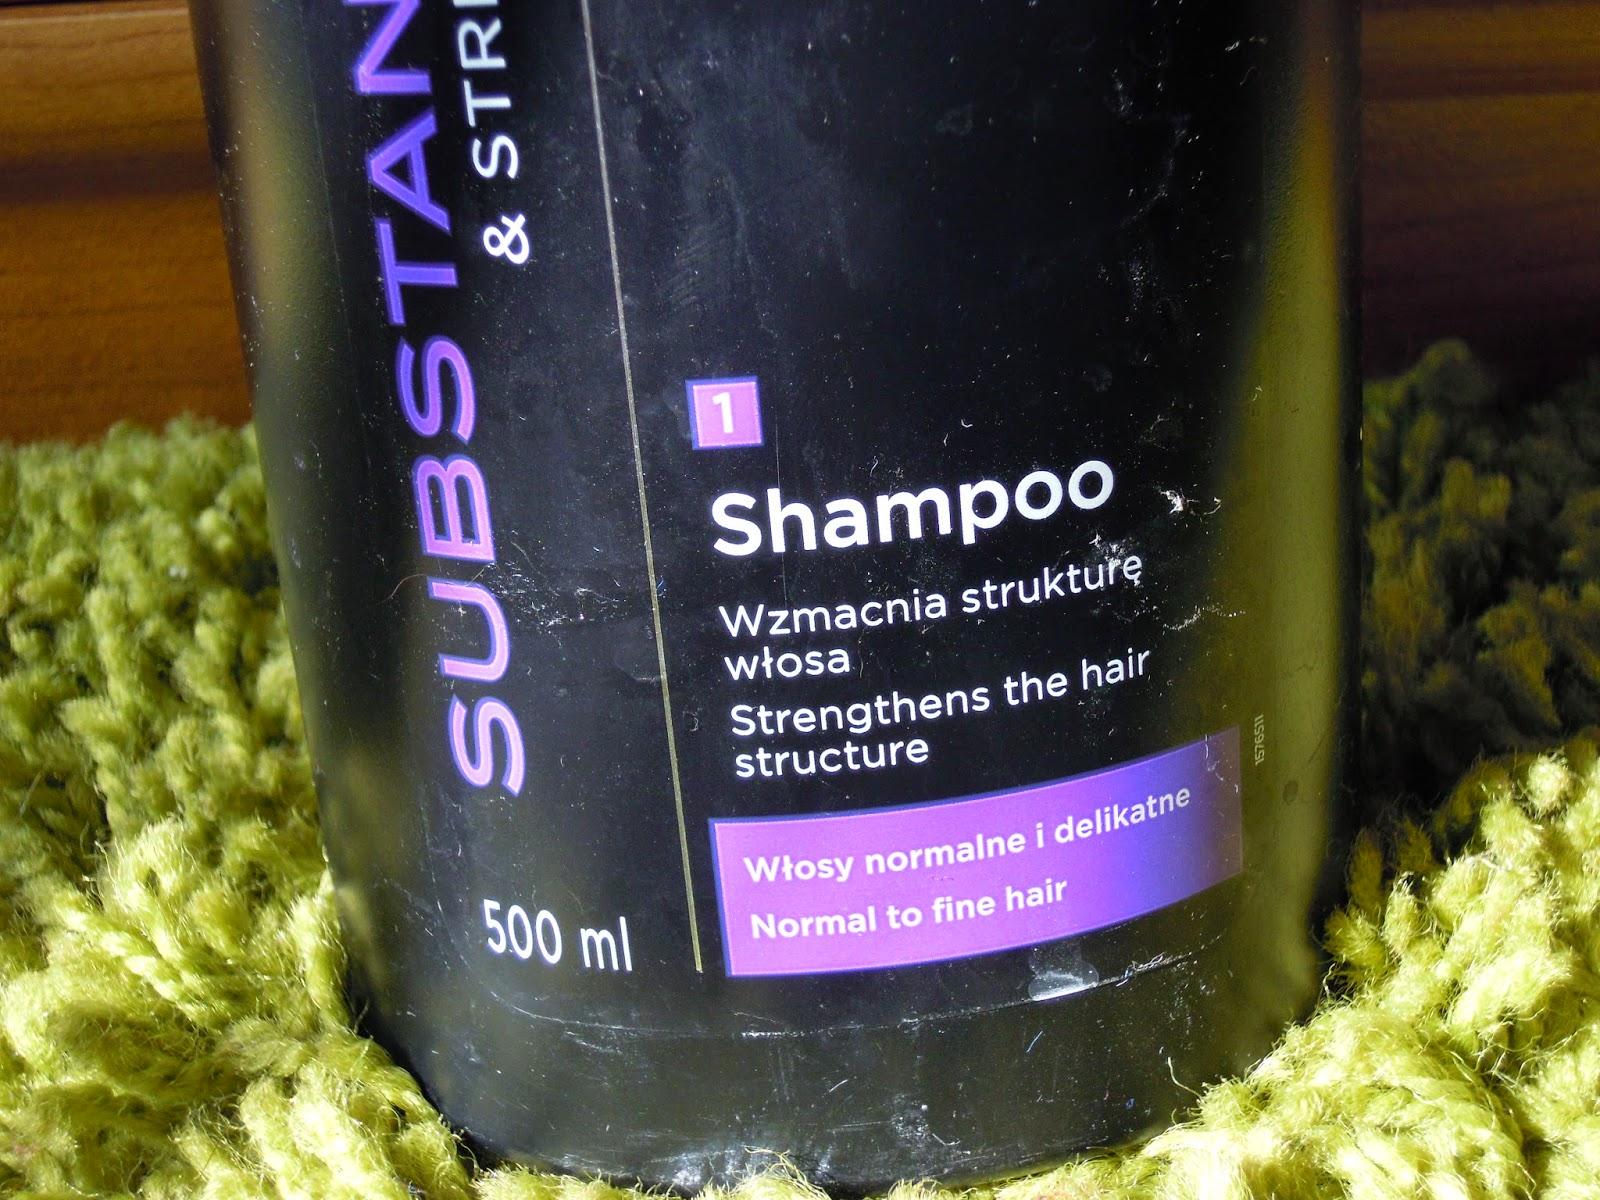 Syoss, Substance & Strength, Szampon do włosów normalnych i delikatnych - co z nim ? Recenzja